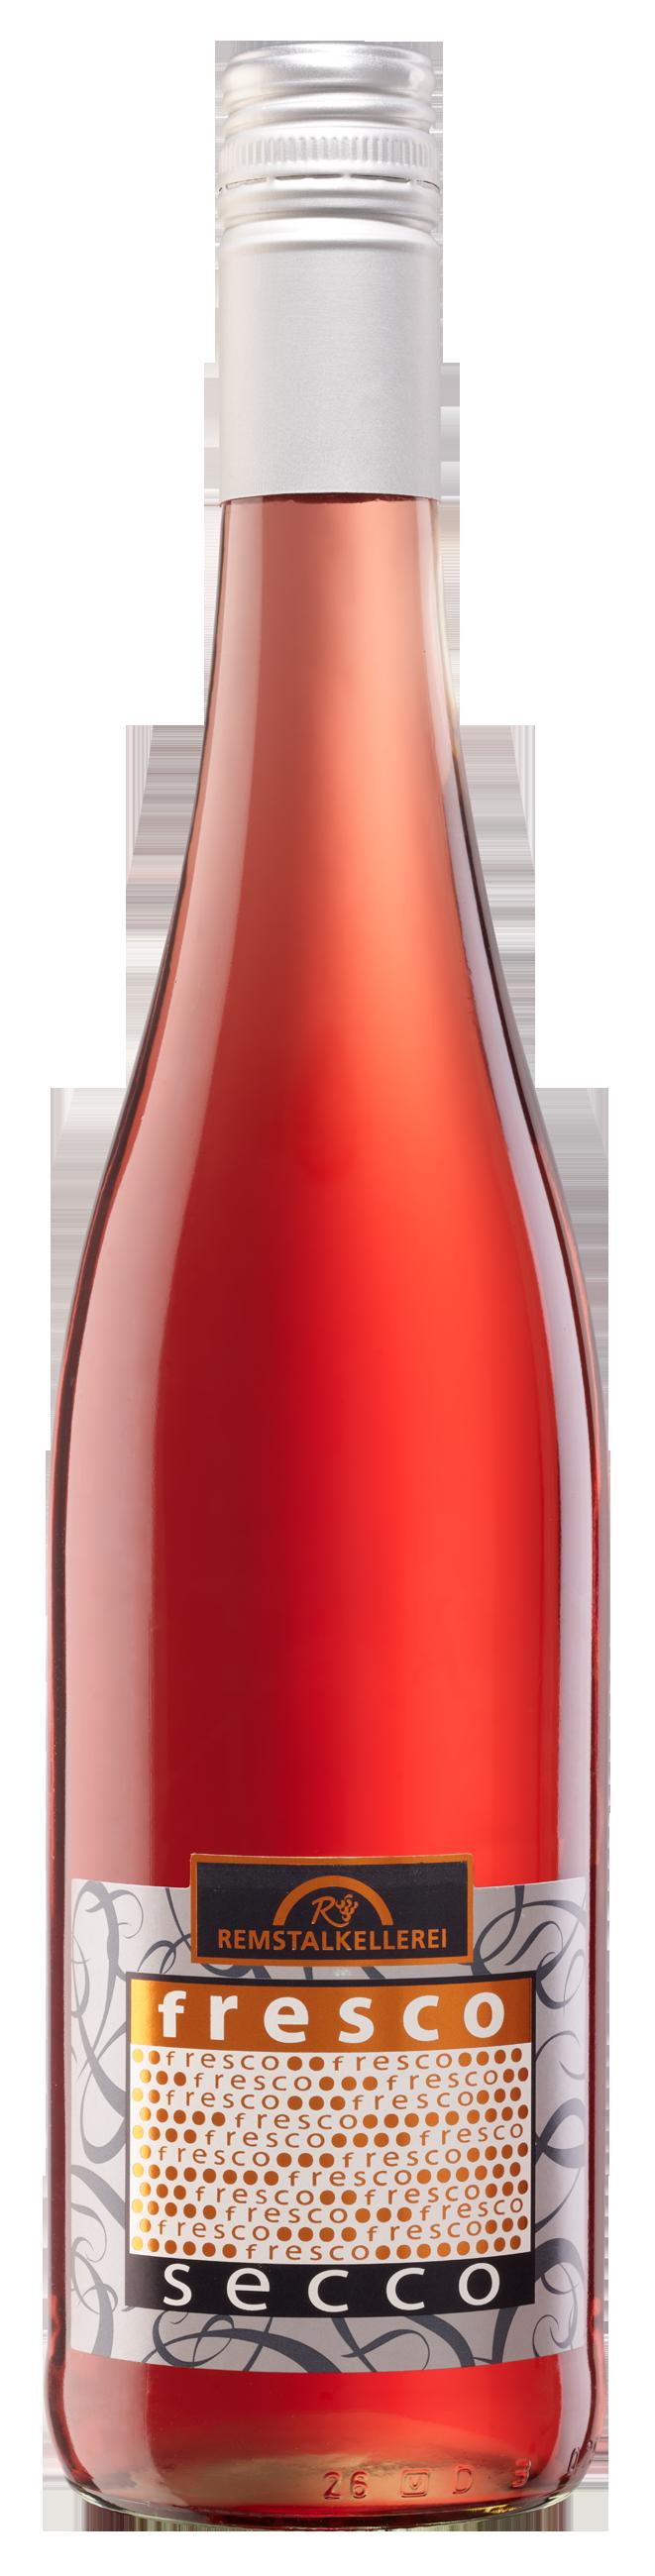 Fresco Secco Rosé